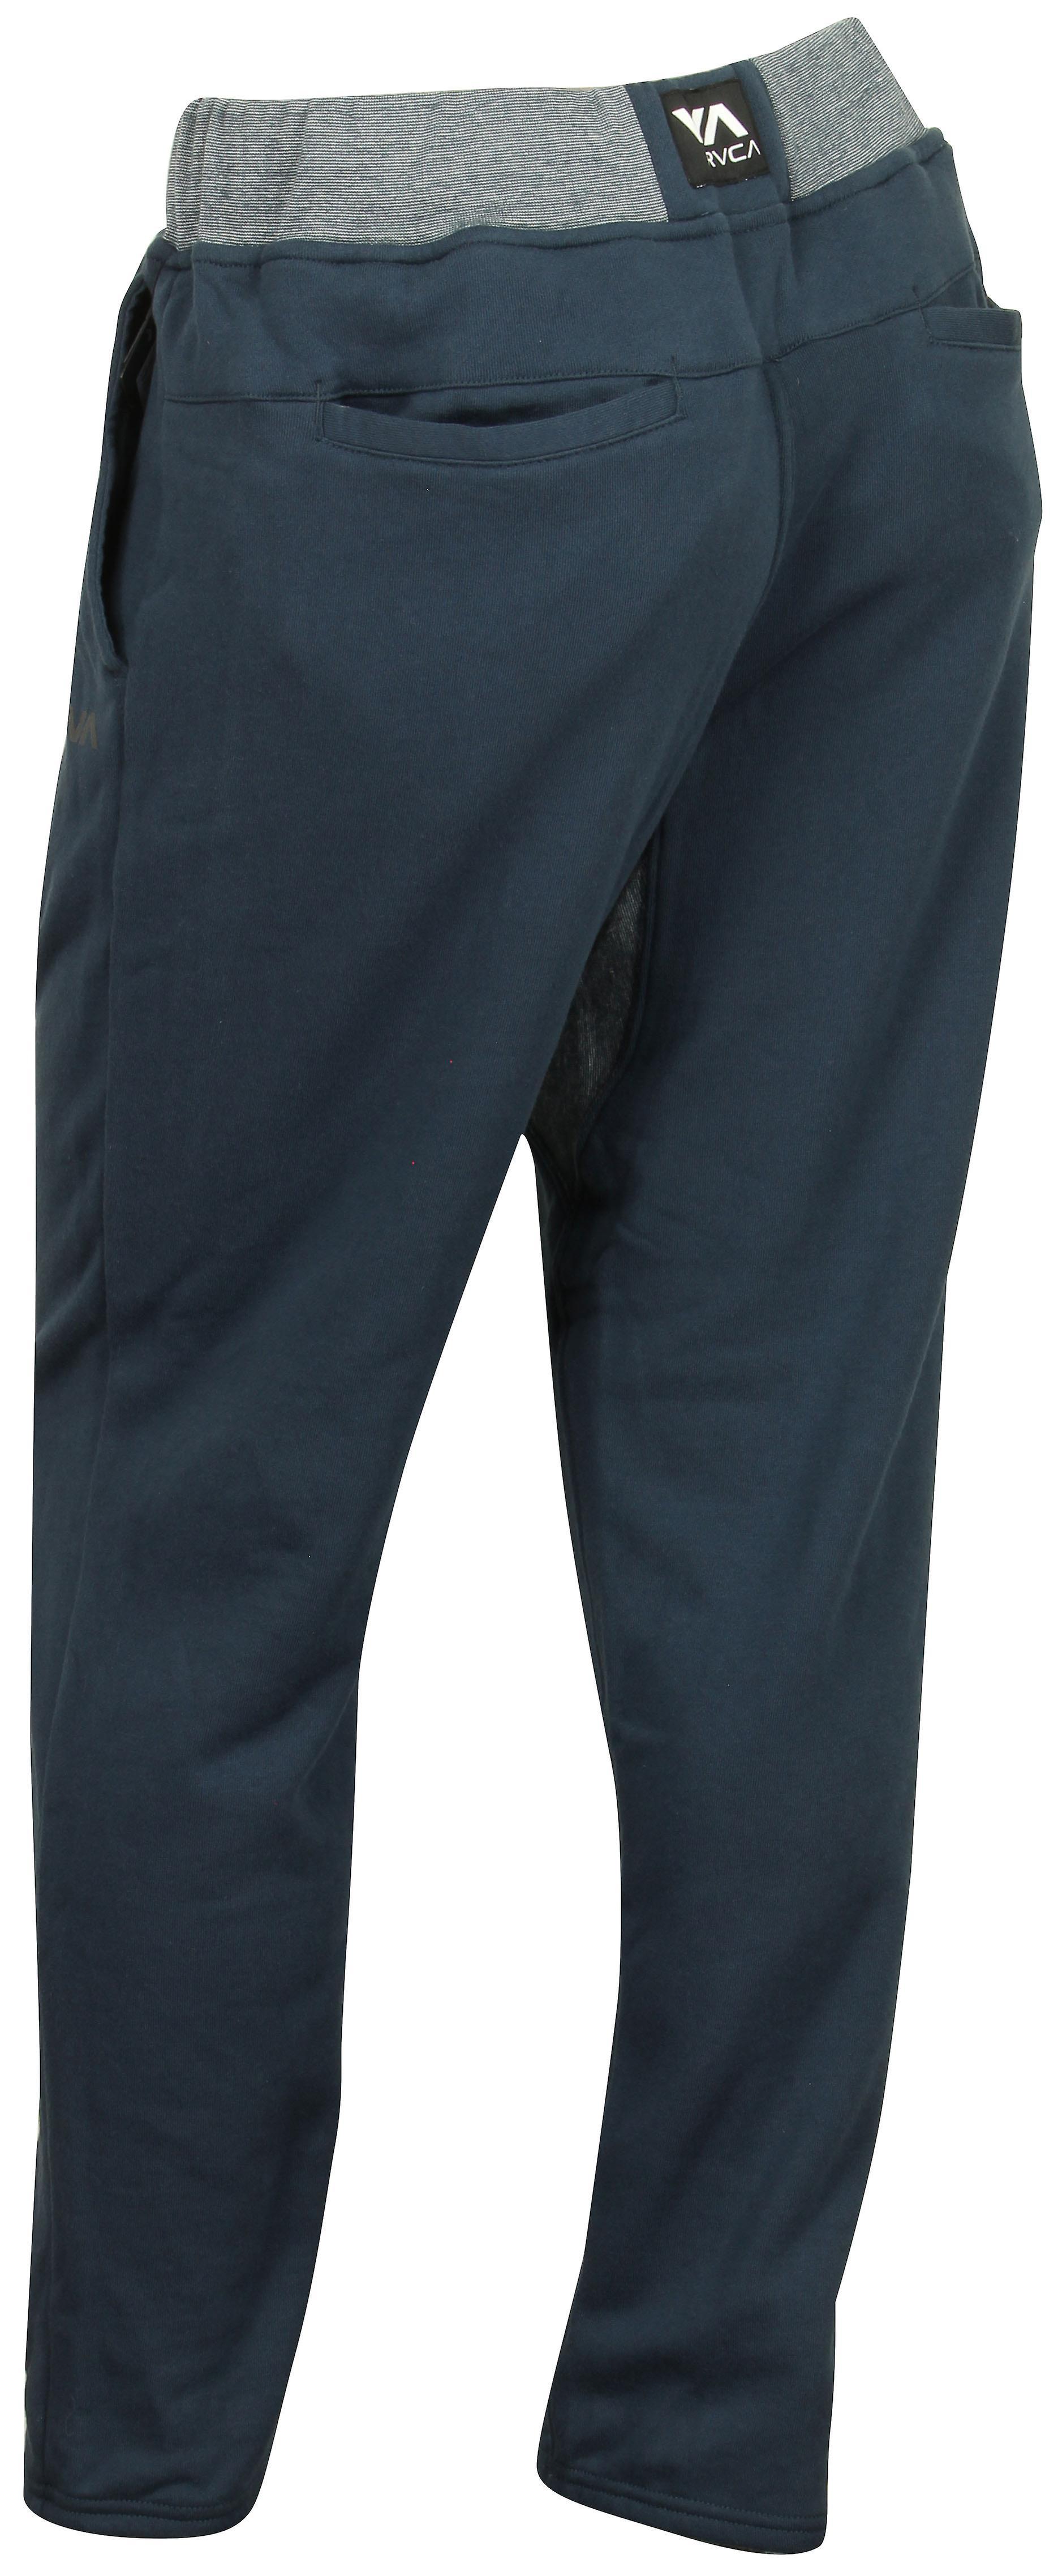 RVCA Mens VA Sport Escobar Sweat Pants - Navy/Gray